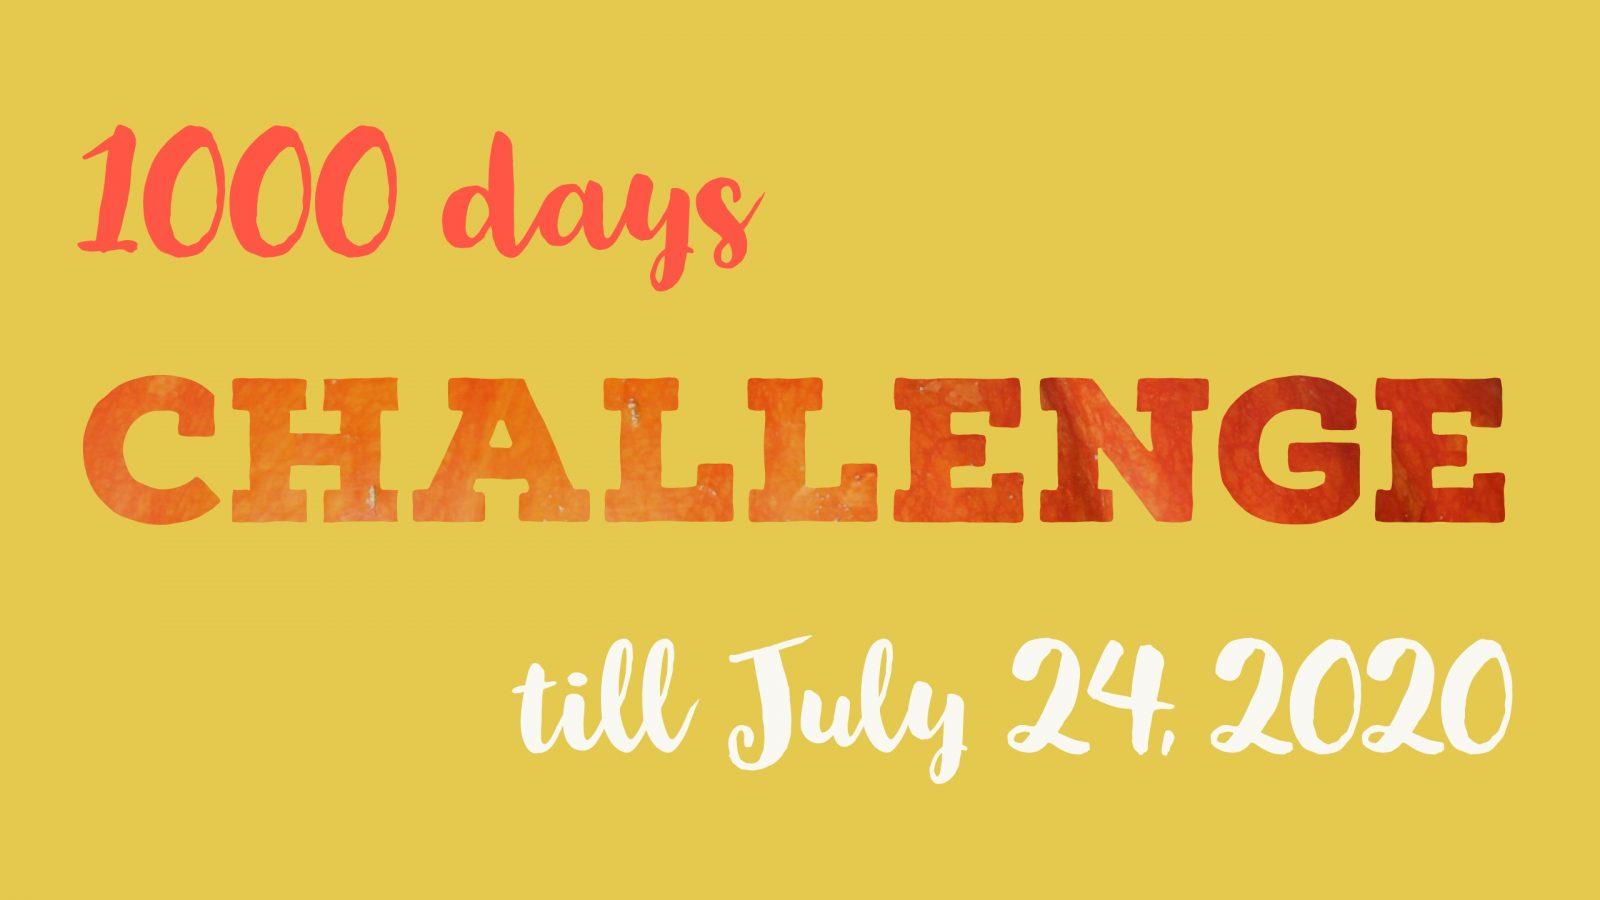 決断力強化トレーニング〜1000日間お片づけチャレンジ始動